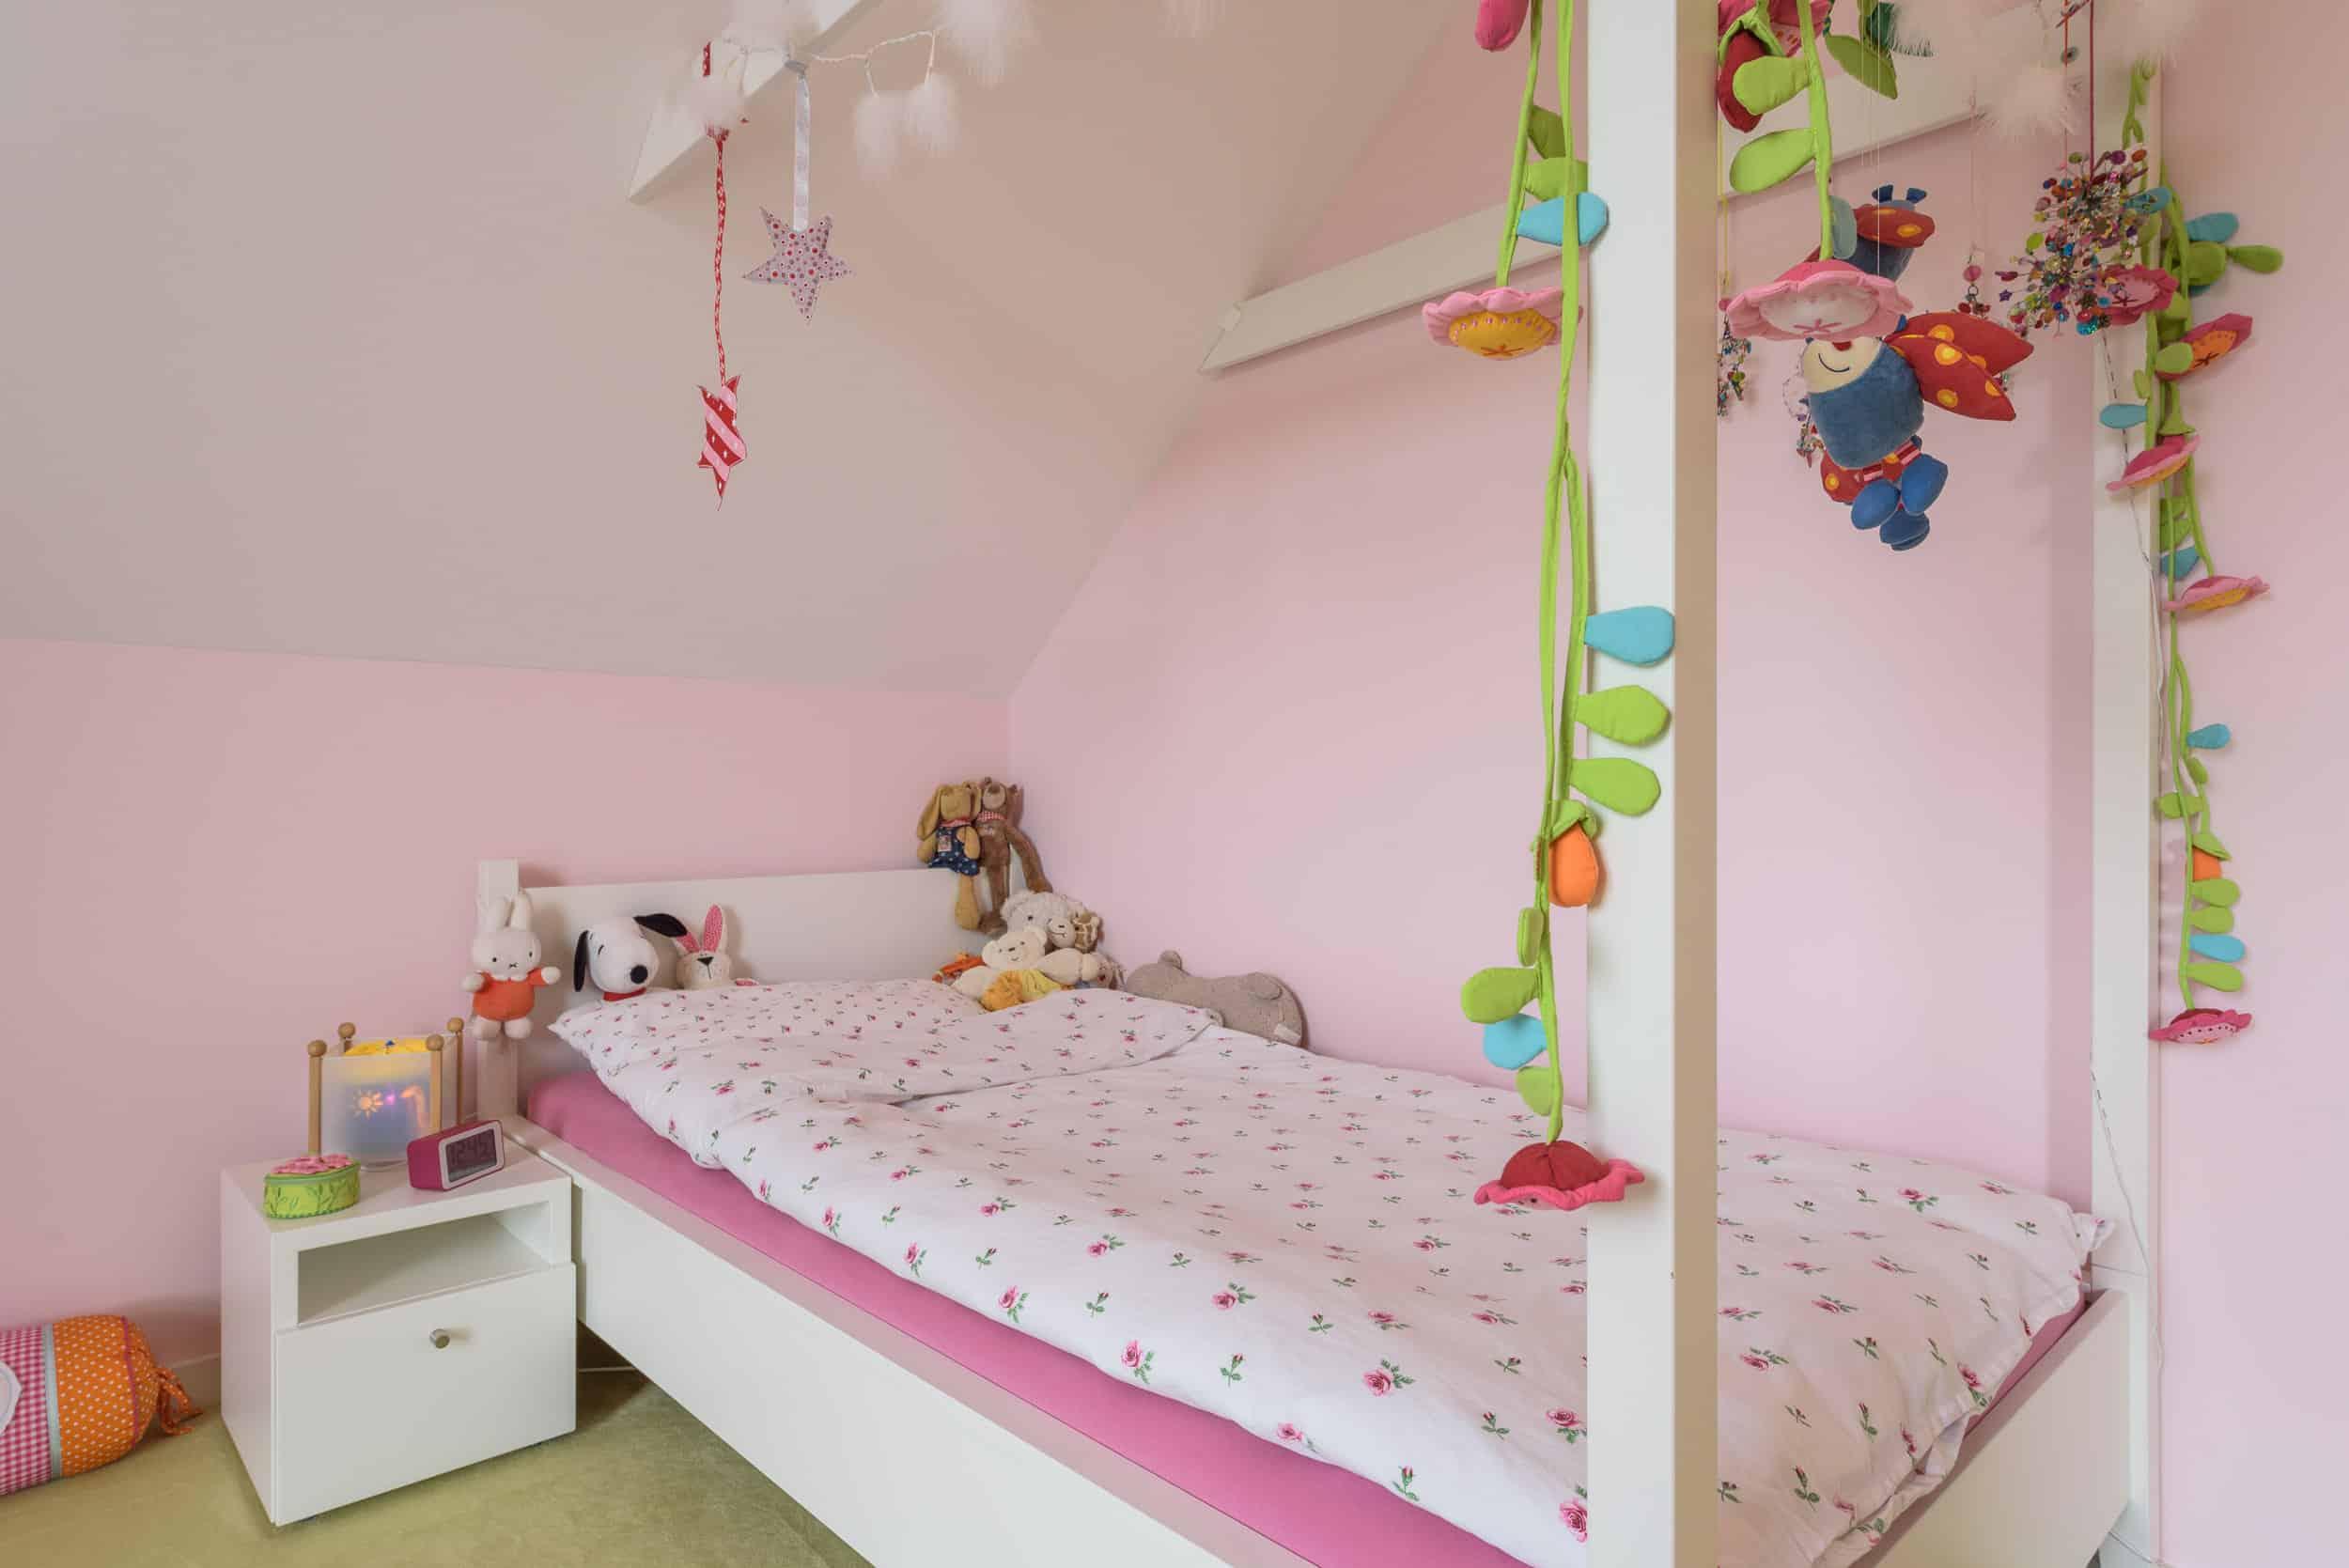 Himmelbett dachschräge kinder  Himmelbett für ein Kinderzimmer unter der Dachschräge – Tischlerei Palte